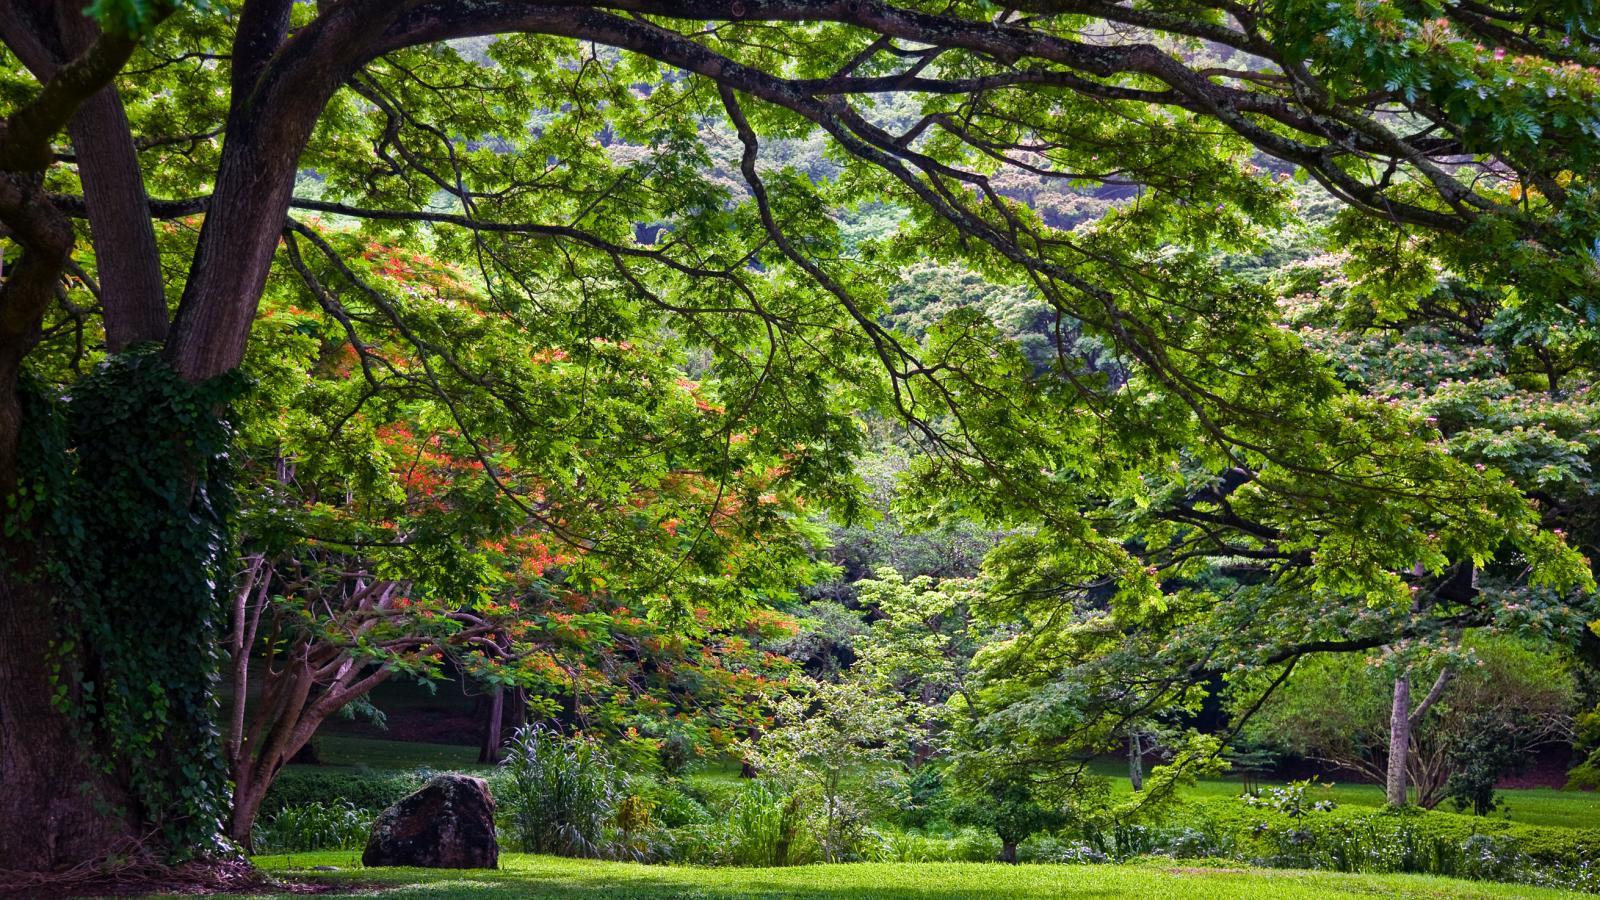 Kauai Parks Gardens Go Hawaii